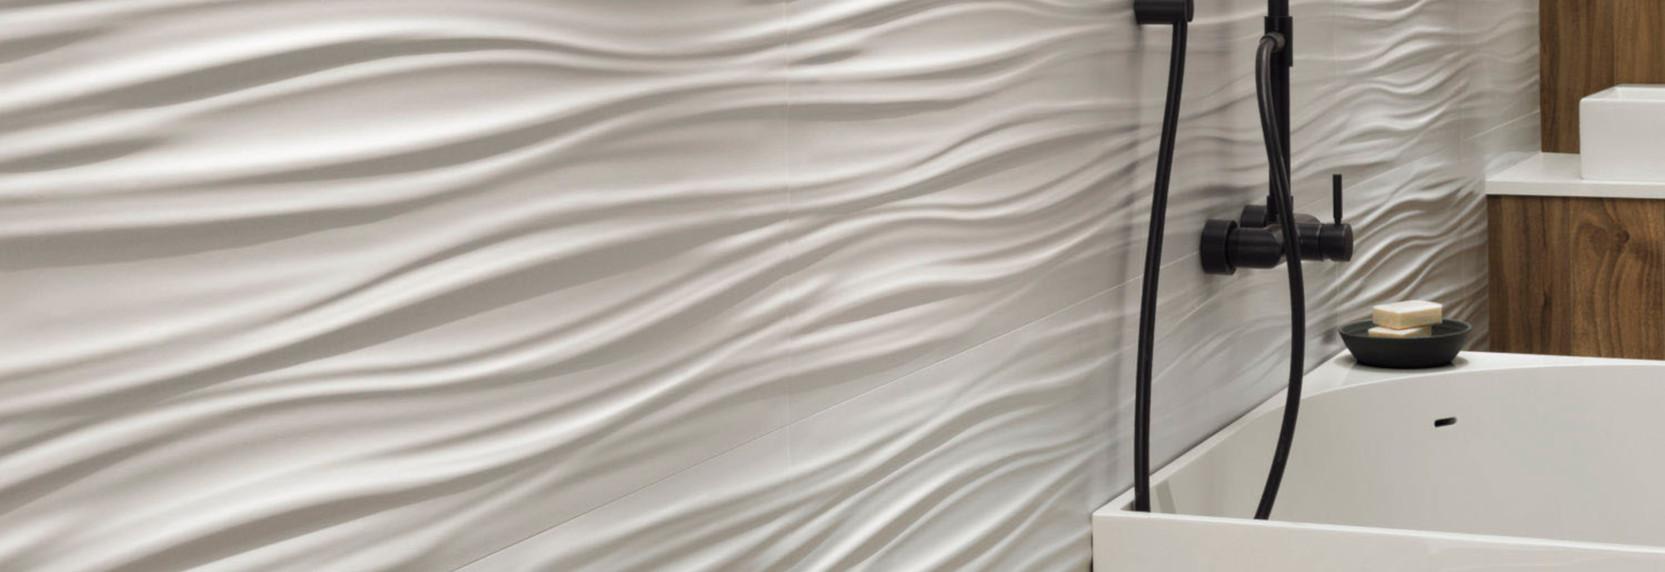 Надоели ровные стены – купи 3Д панели